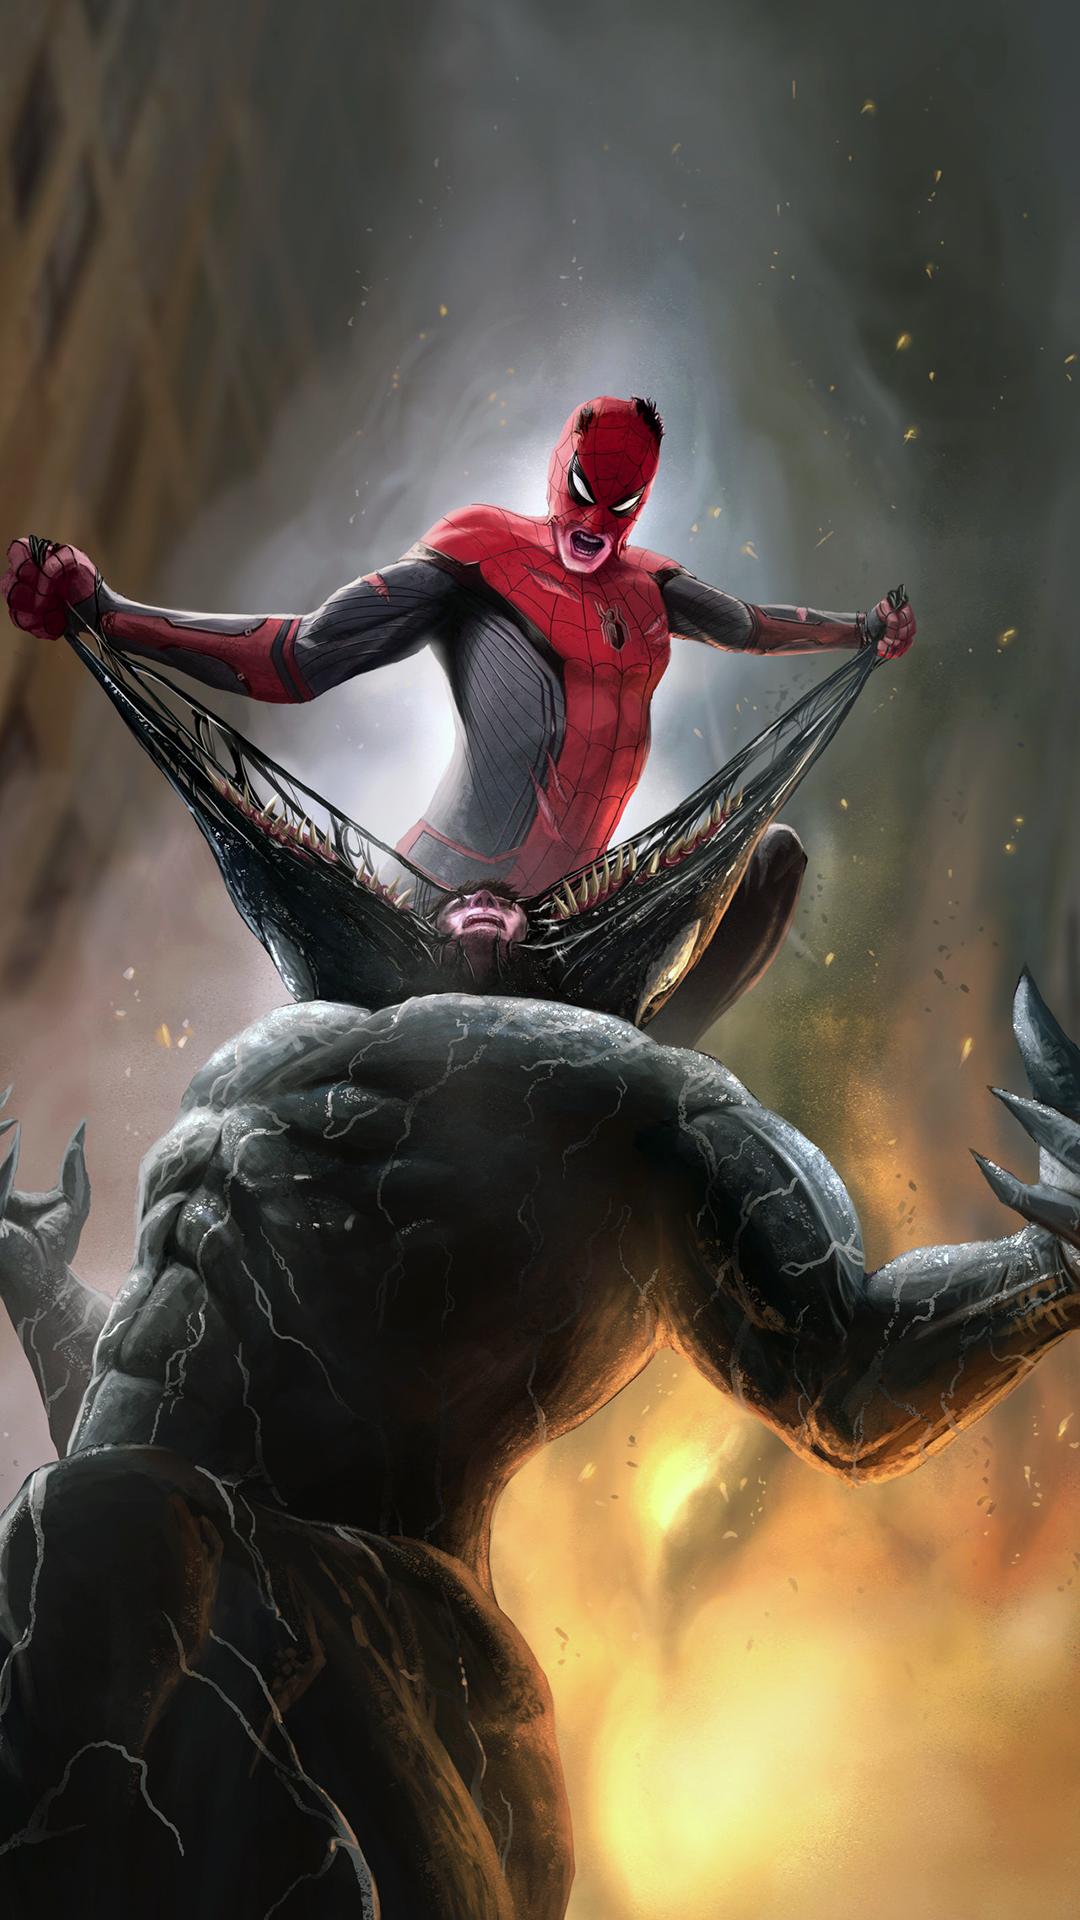 Spiderman vs venom mobile wallpaper